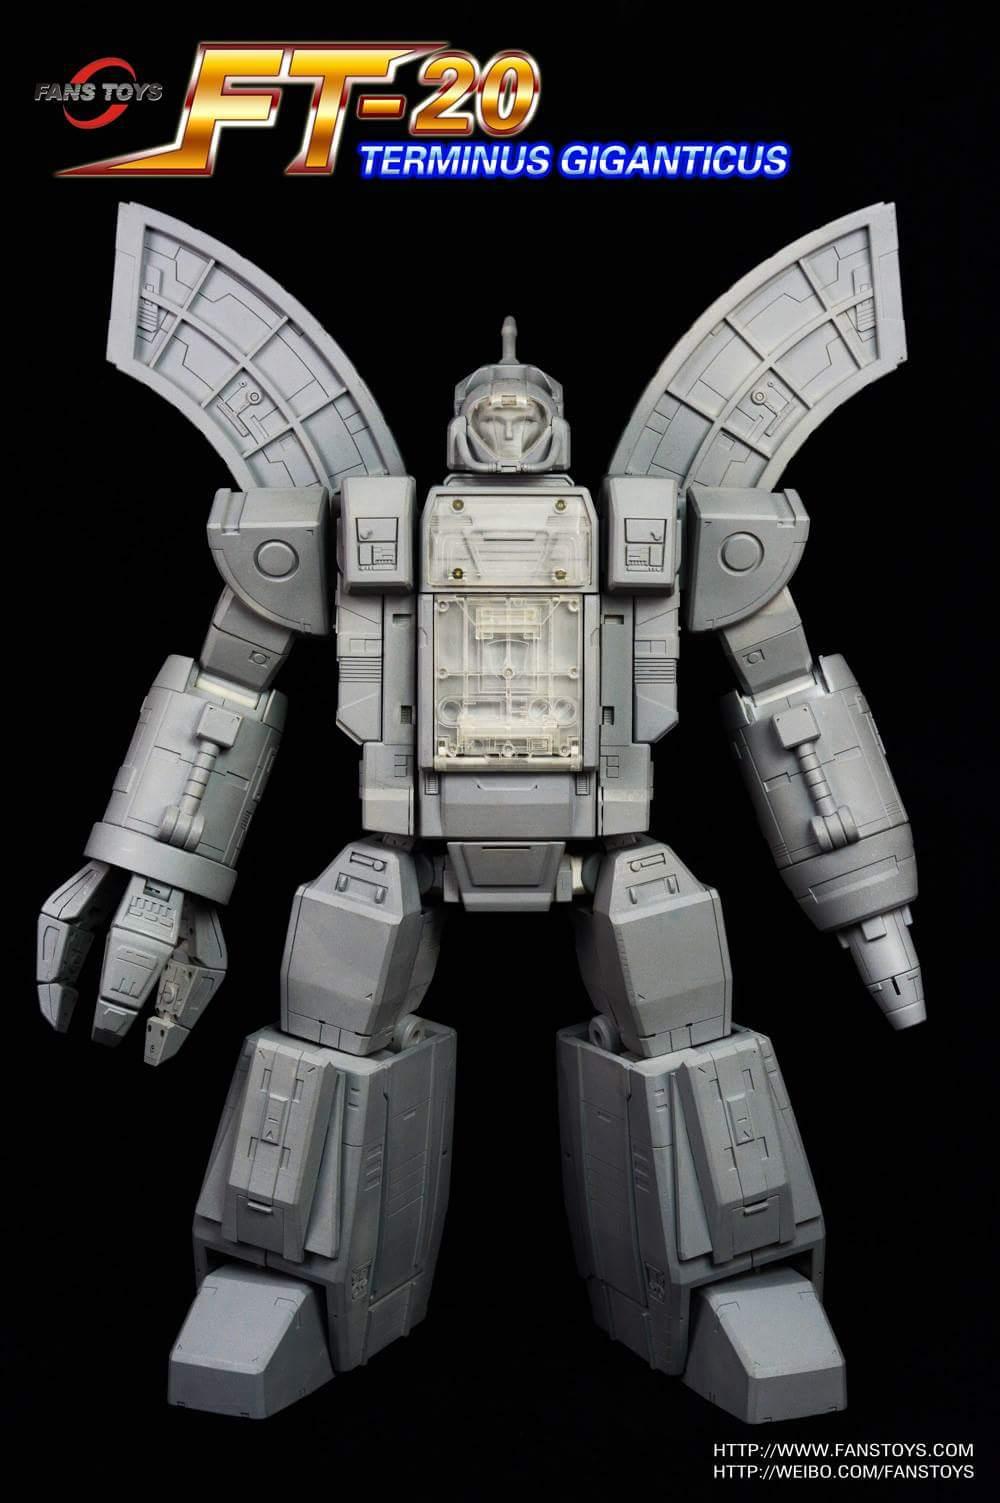 [Fanstoys] Produit Tiers - Jouets FT-20 et FT-20G Terminus Giganticus - aka Oméga Suprême et Omega Sentinel (Gardien de Cybertron) Ufh4ROwF